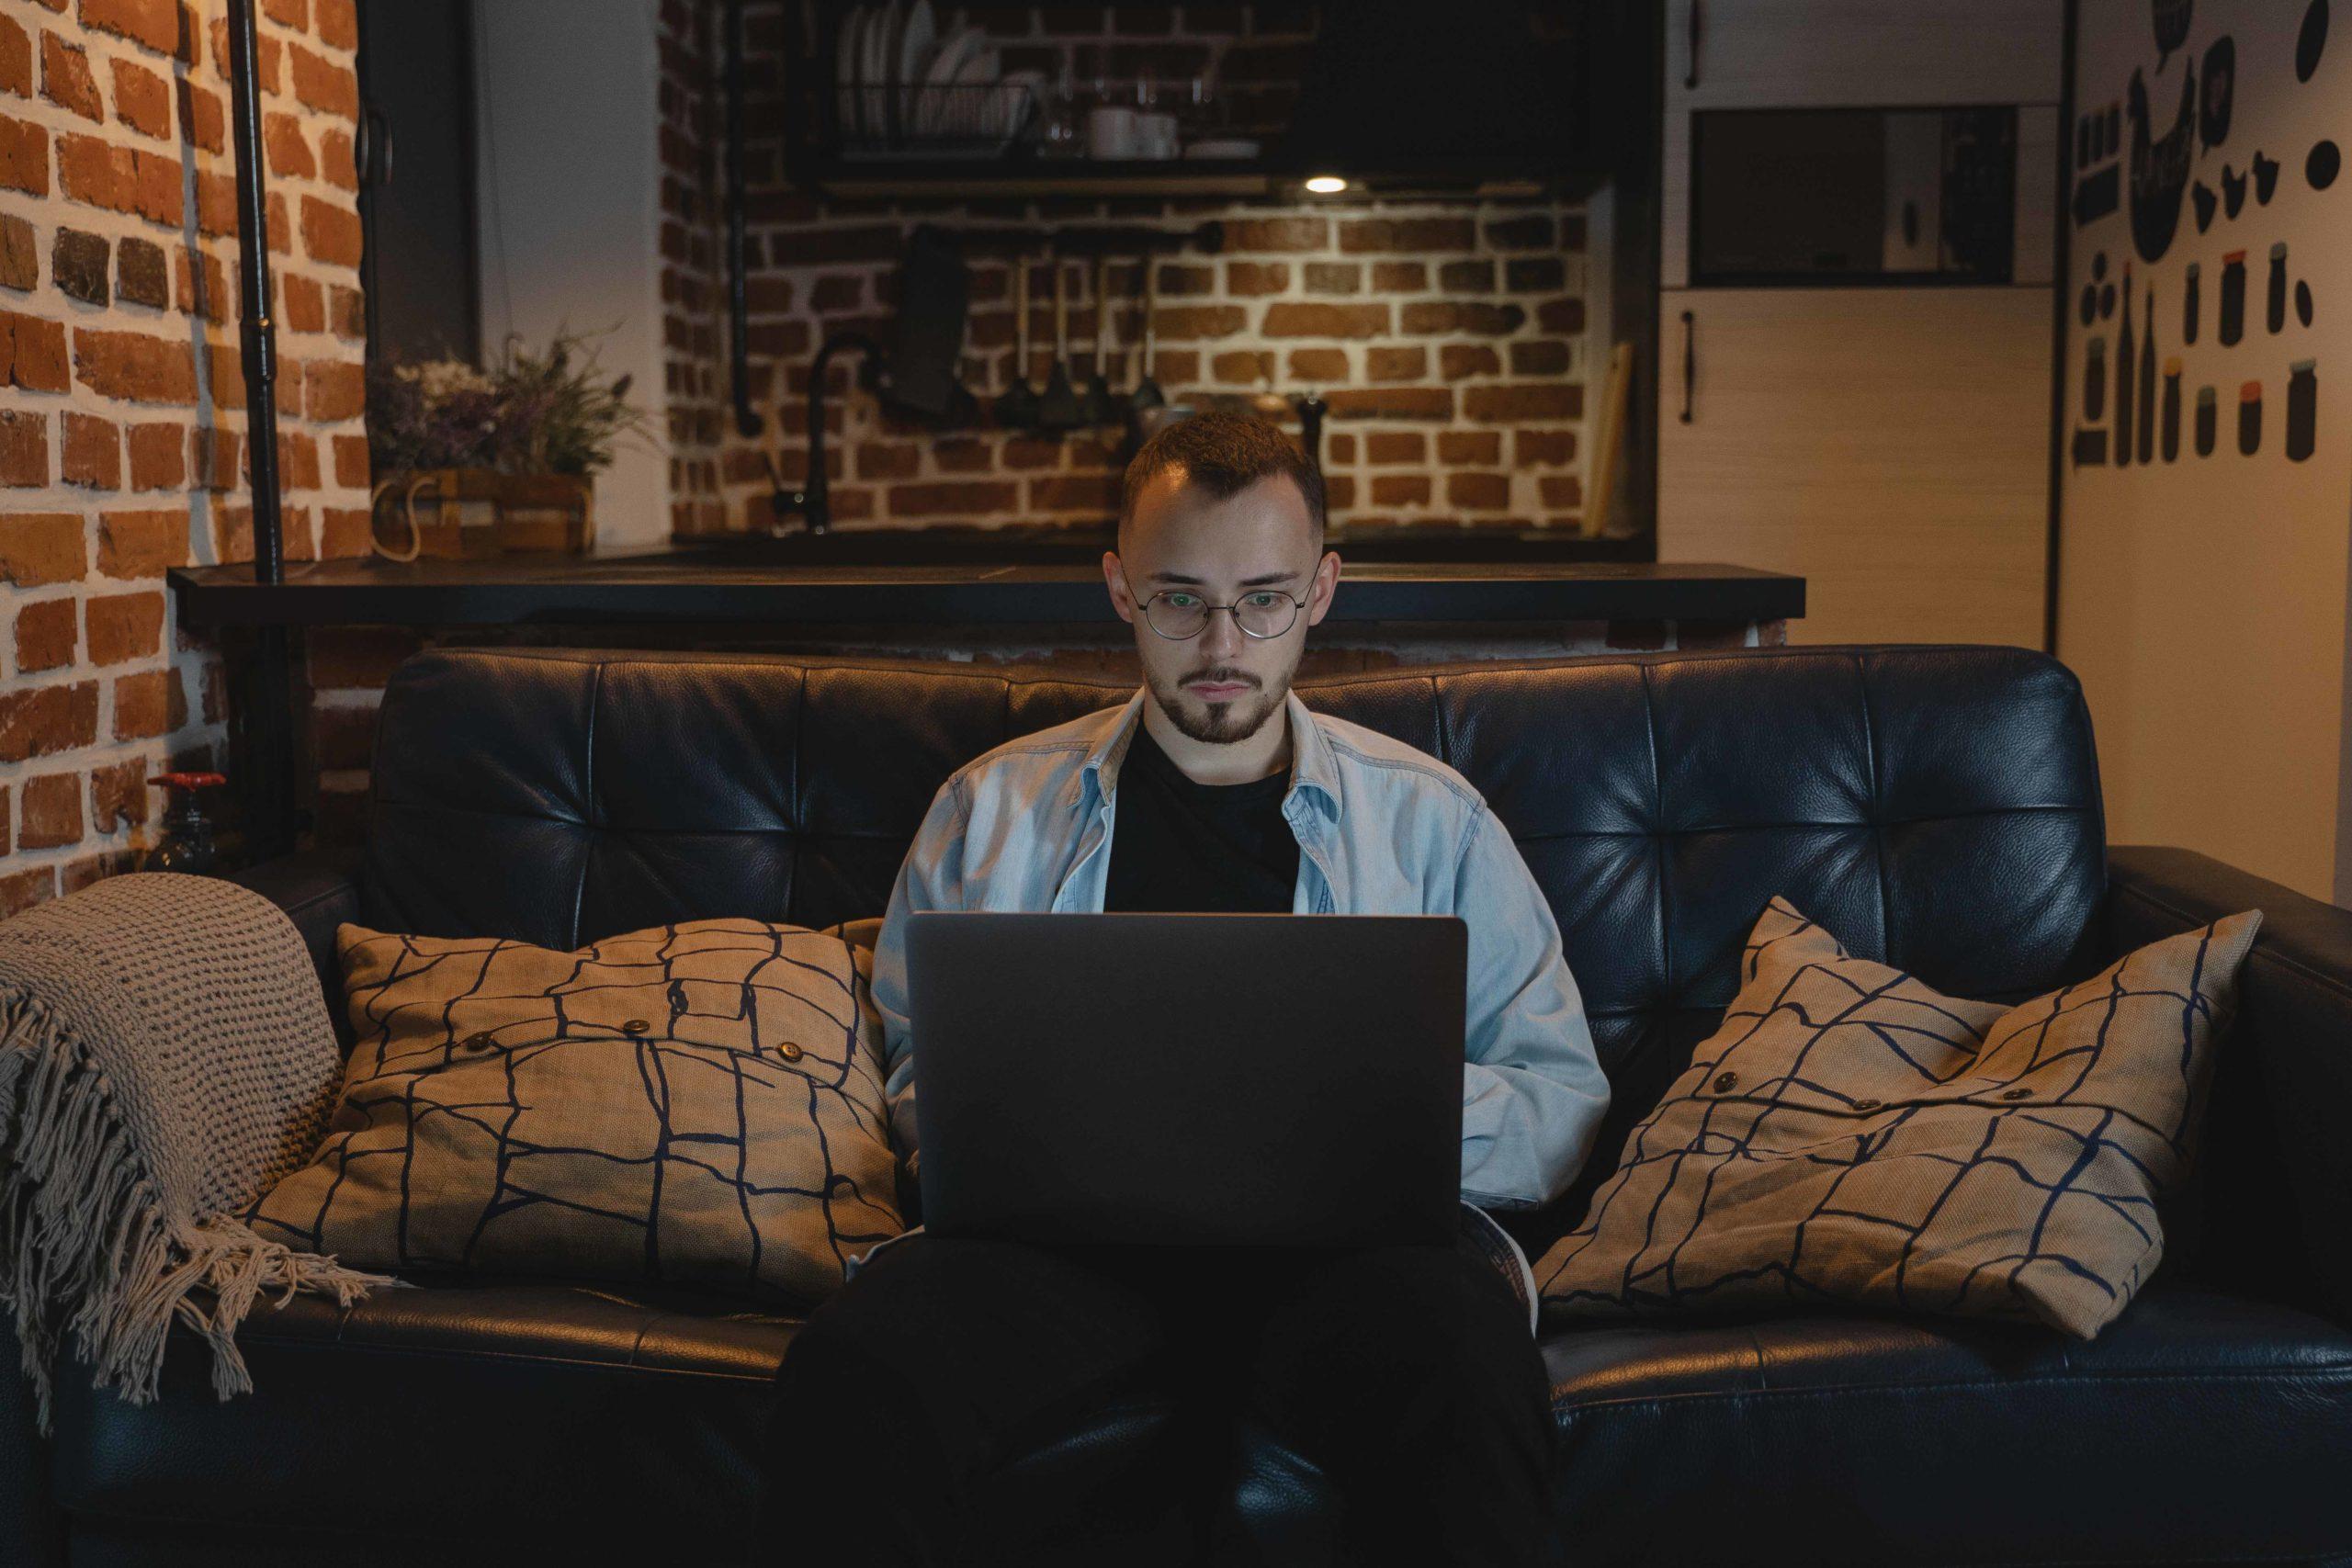 Si has dejado de trabajar en tu oficina para trabajar en la casa, debido a la pandemia, debes conocer el auxilio de conectividad.